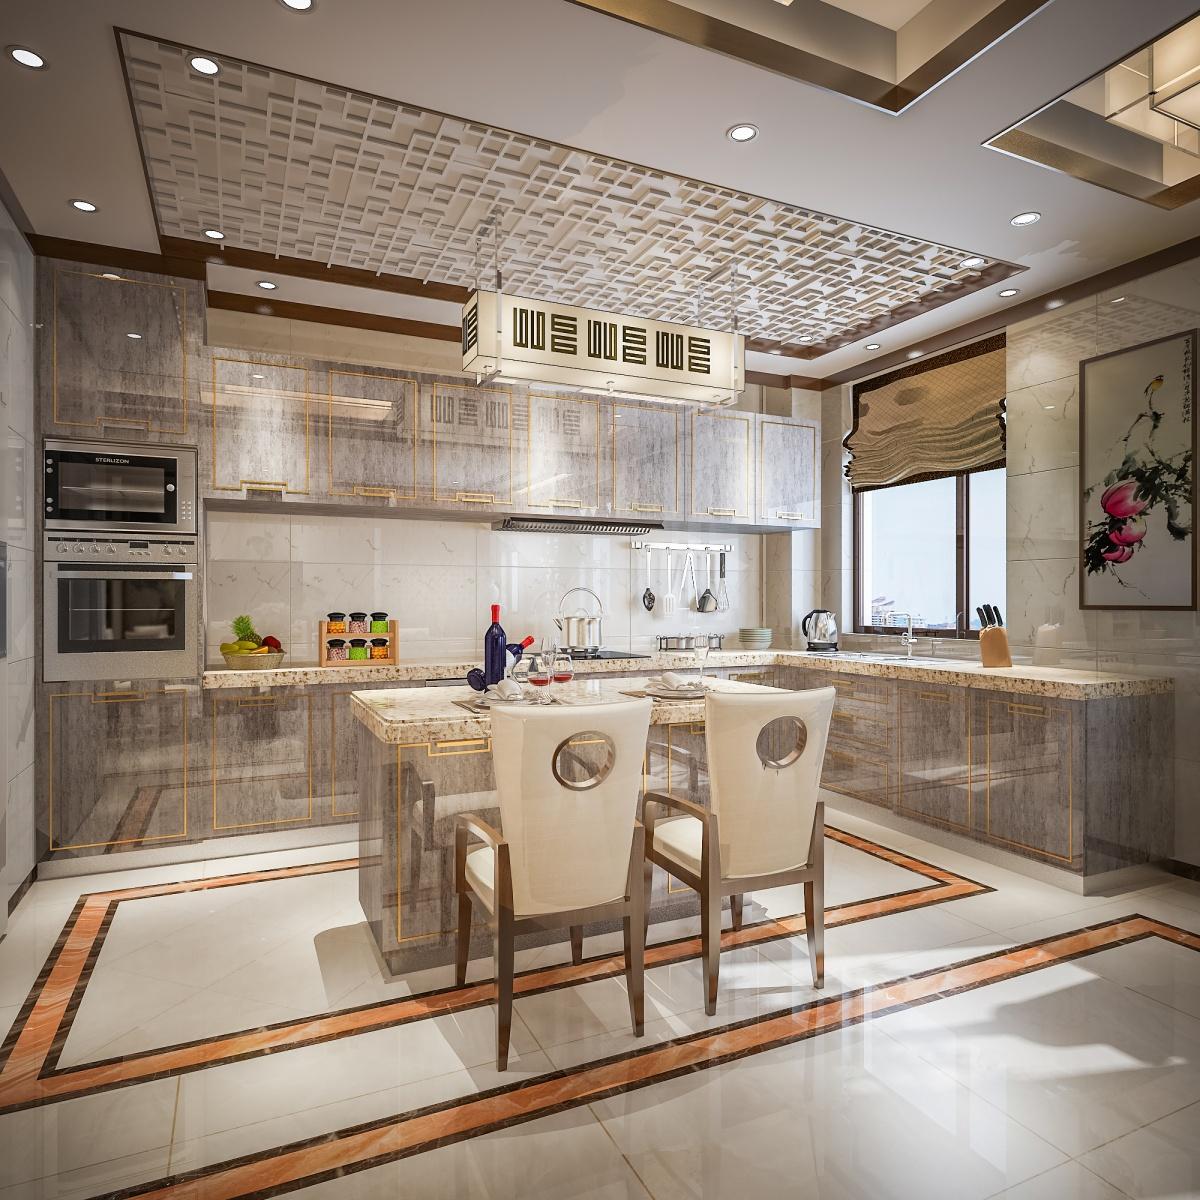 中式厨房侧面.jpg